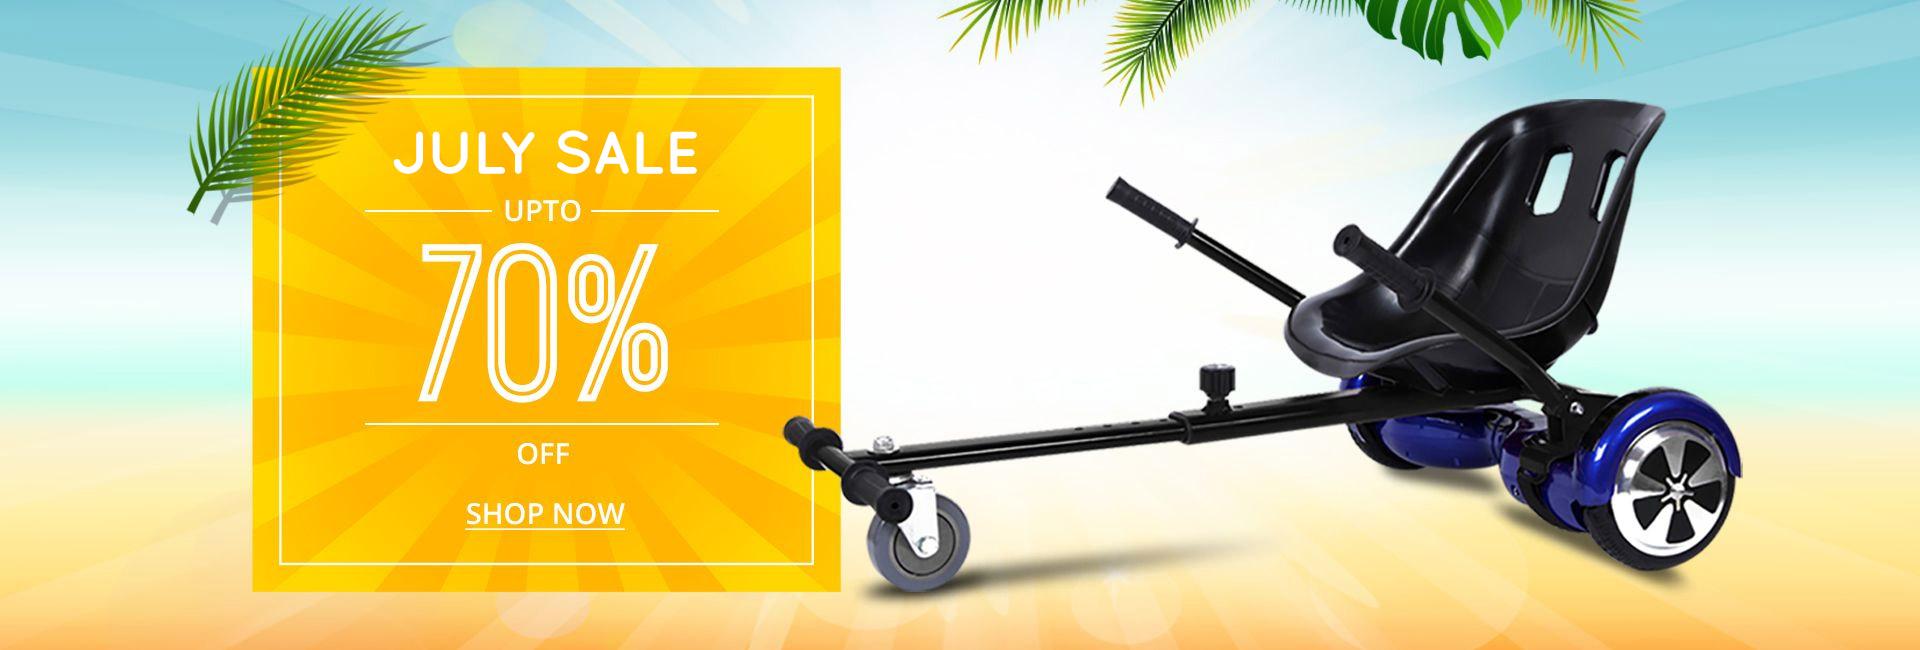 hoverboard-summer-sale